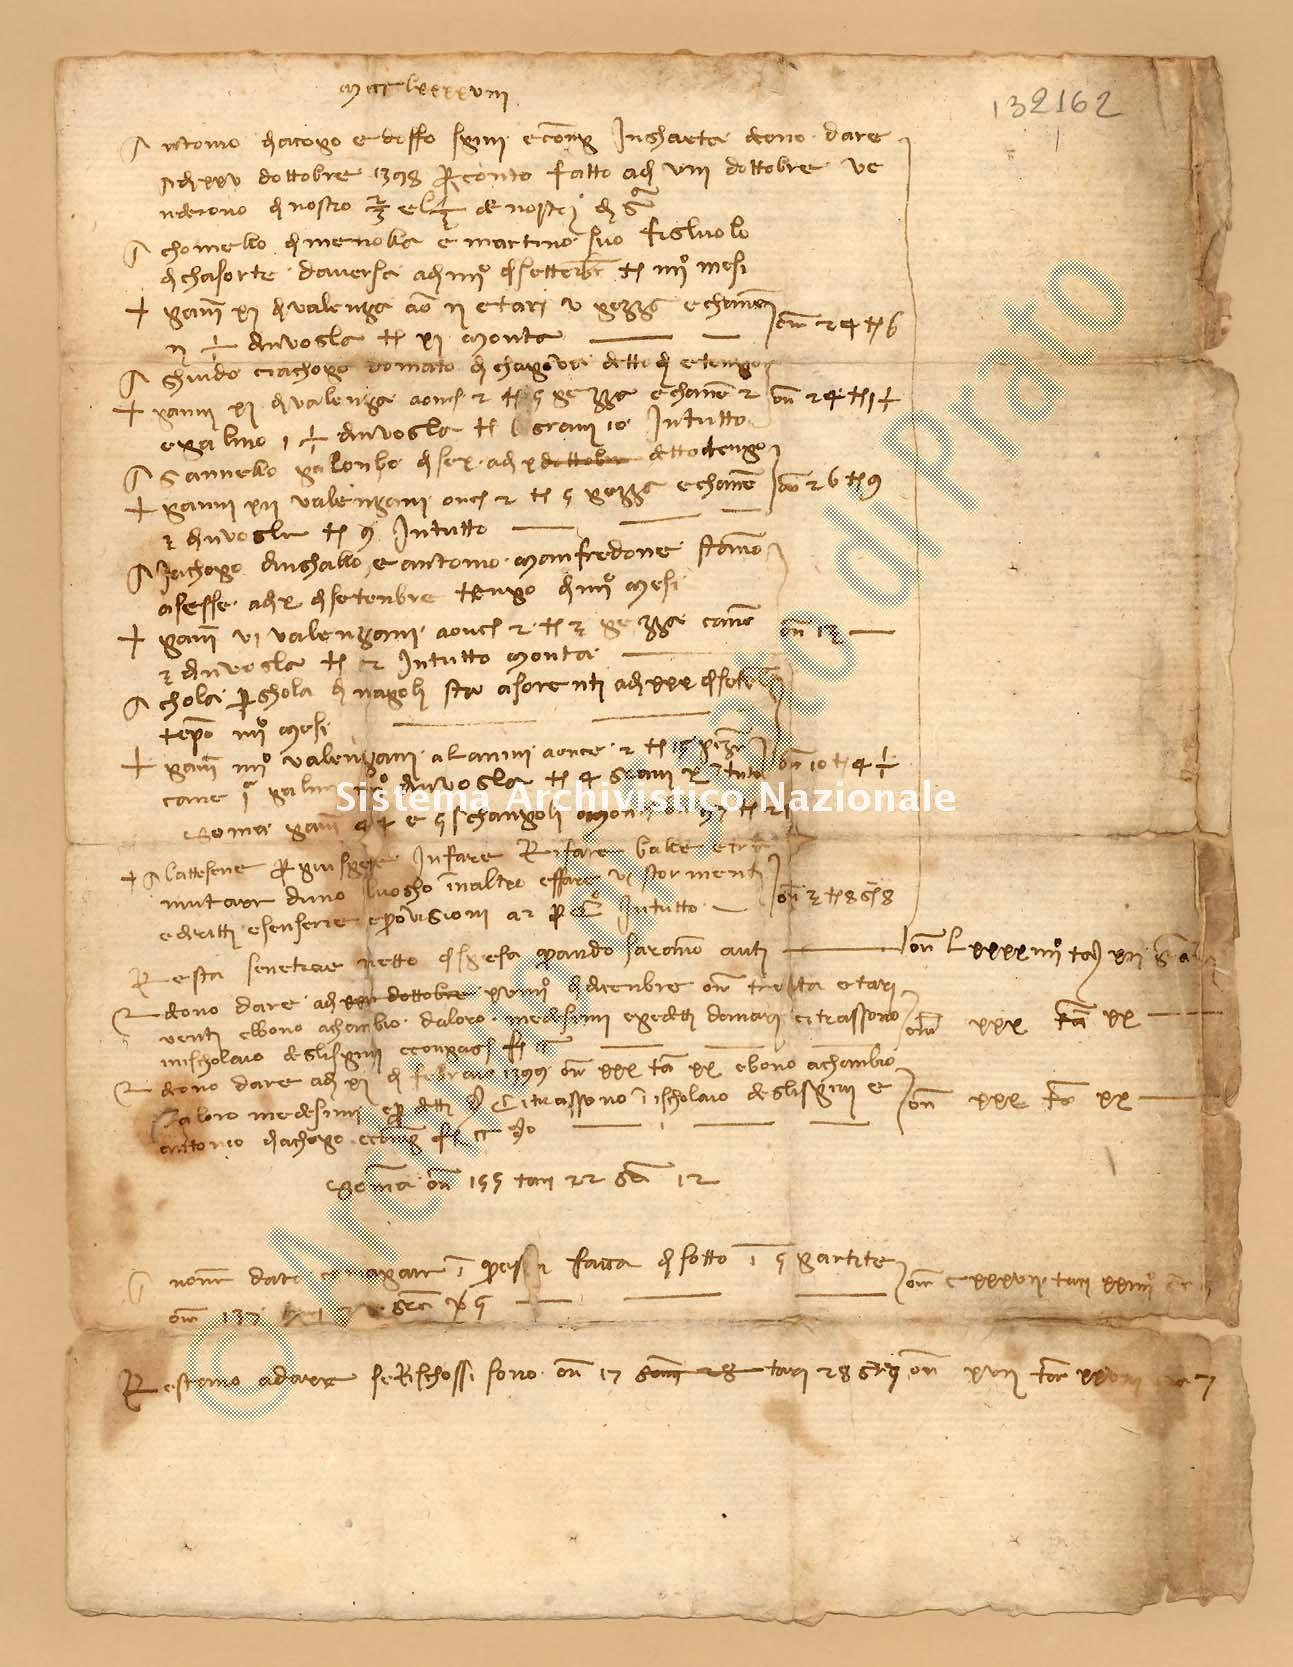 Archivio di Stato di Prato, Fondo Datini, Appendice al carteggio, 1116.71 Lettere Di Datini Francesco Di Marco e Comp. a Gherardini Geri e Bocci Niccolò Di Sandro (busta 1116, inserto 71, codice 132162)